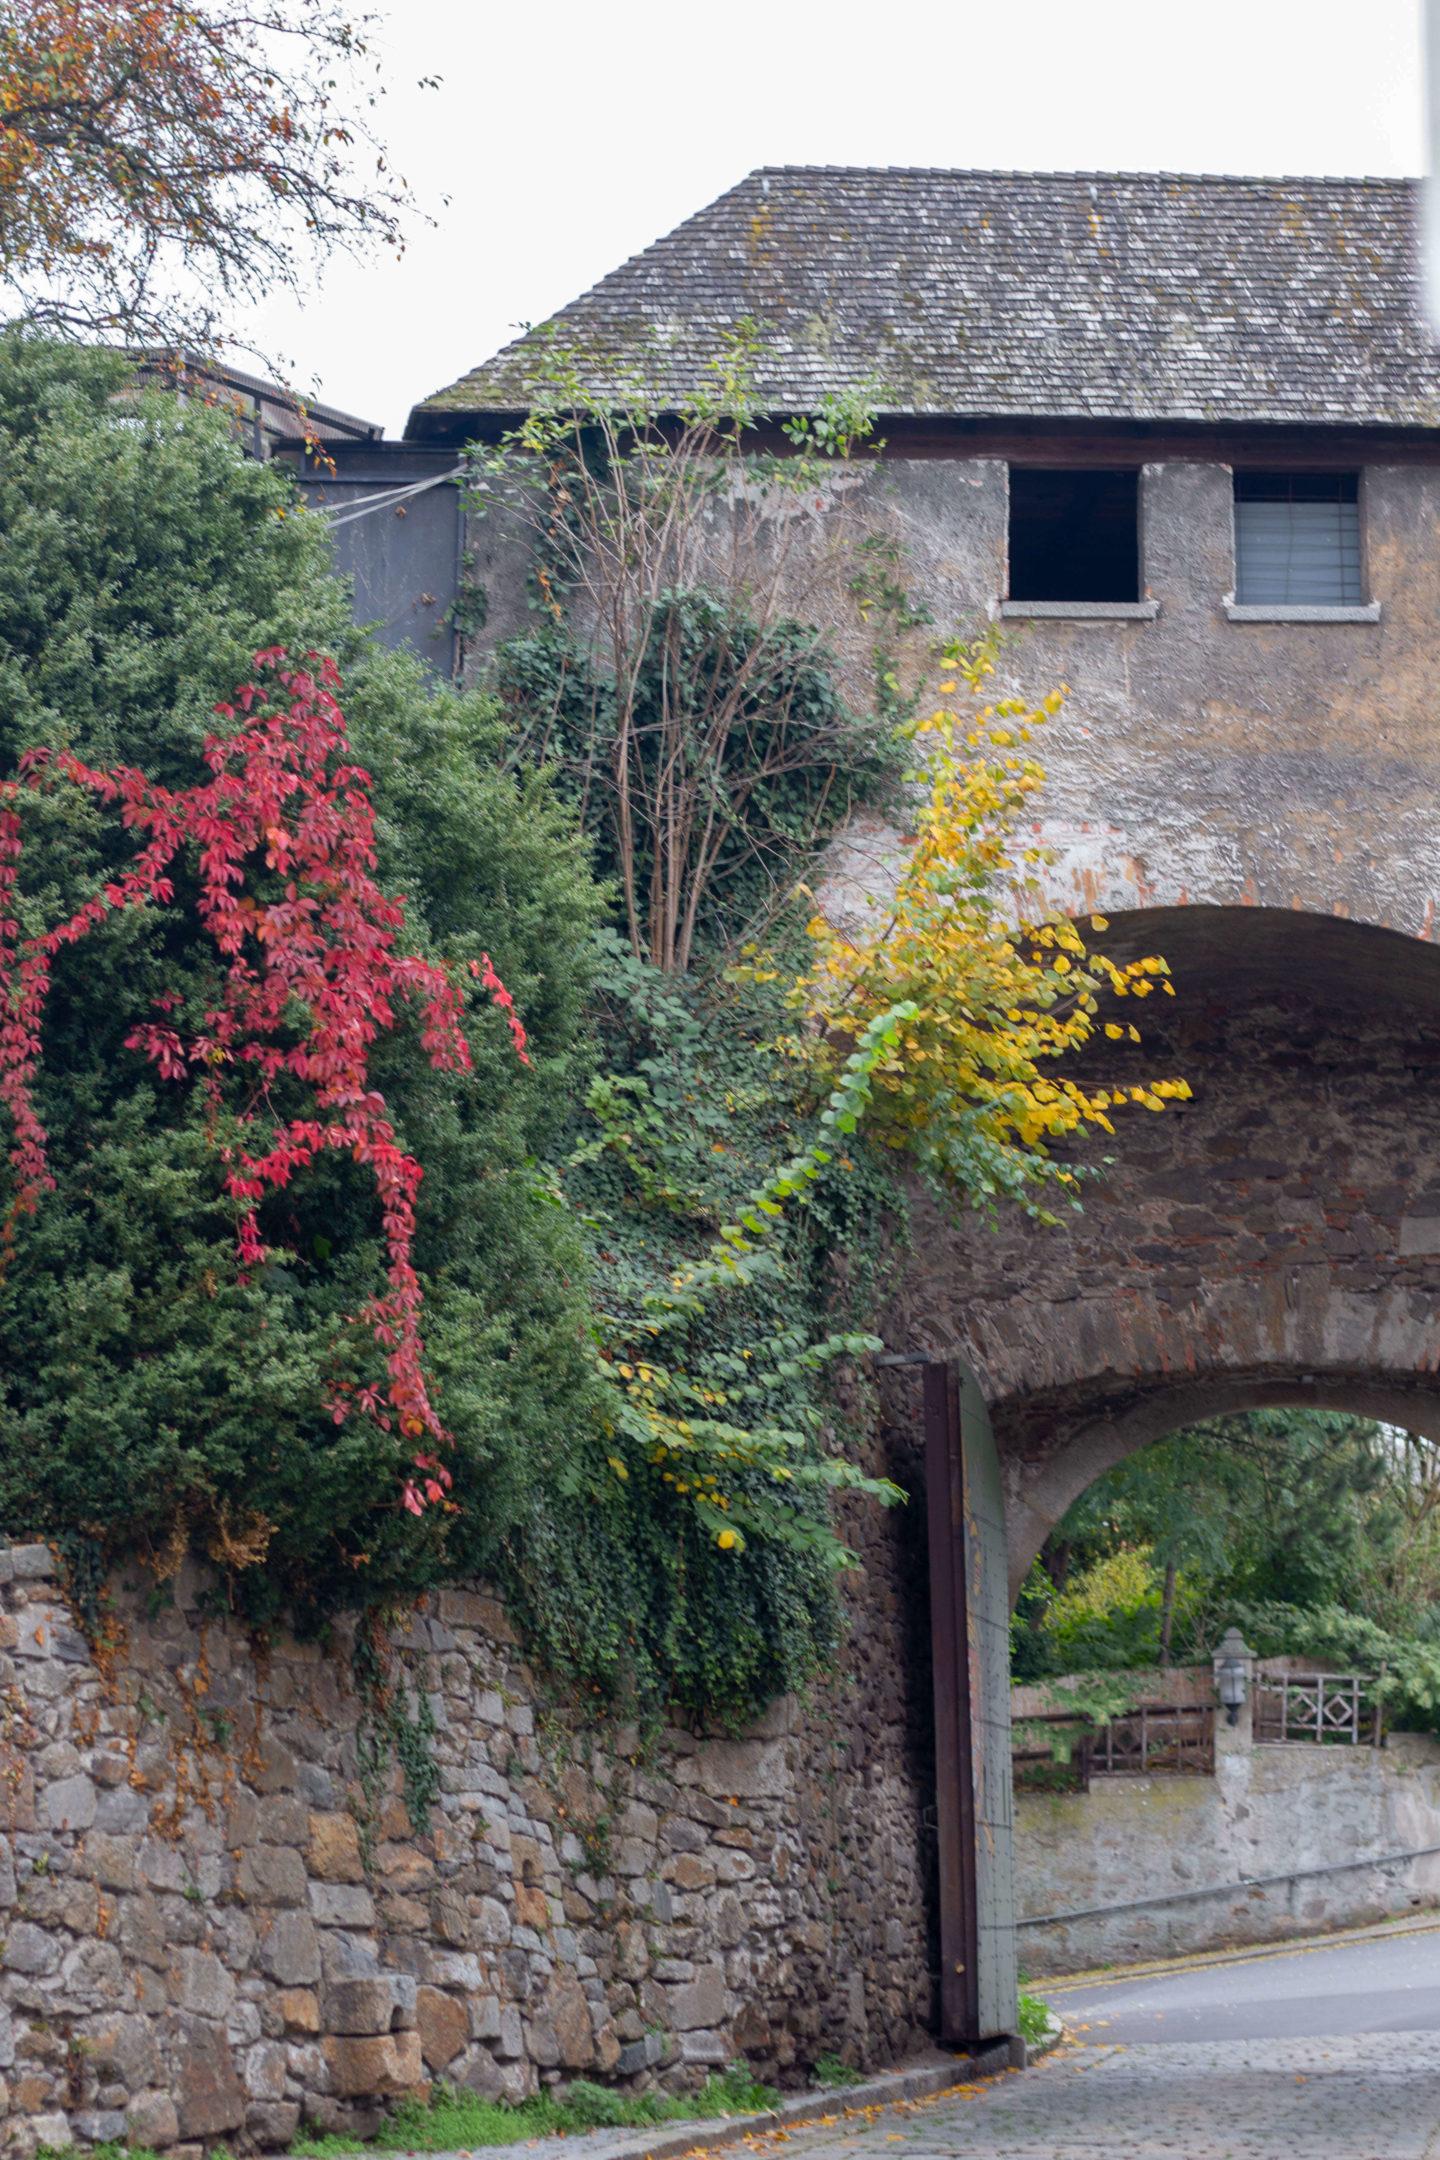 Herbstbummel in der Linzer Altstadt- Dein Homespa Blog